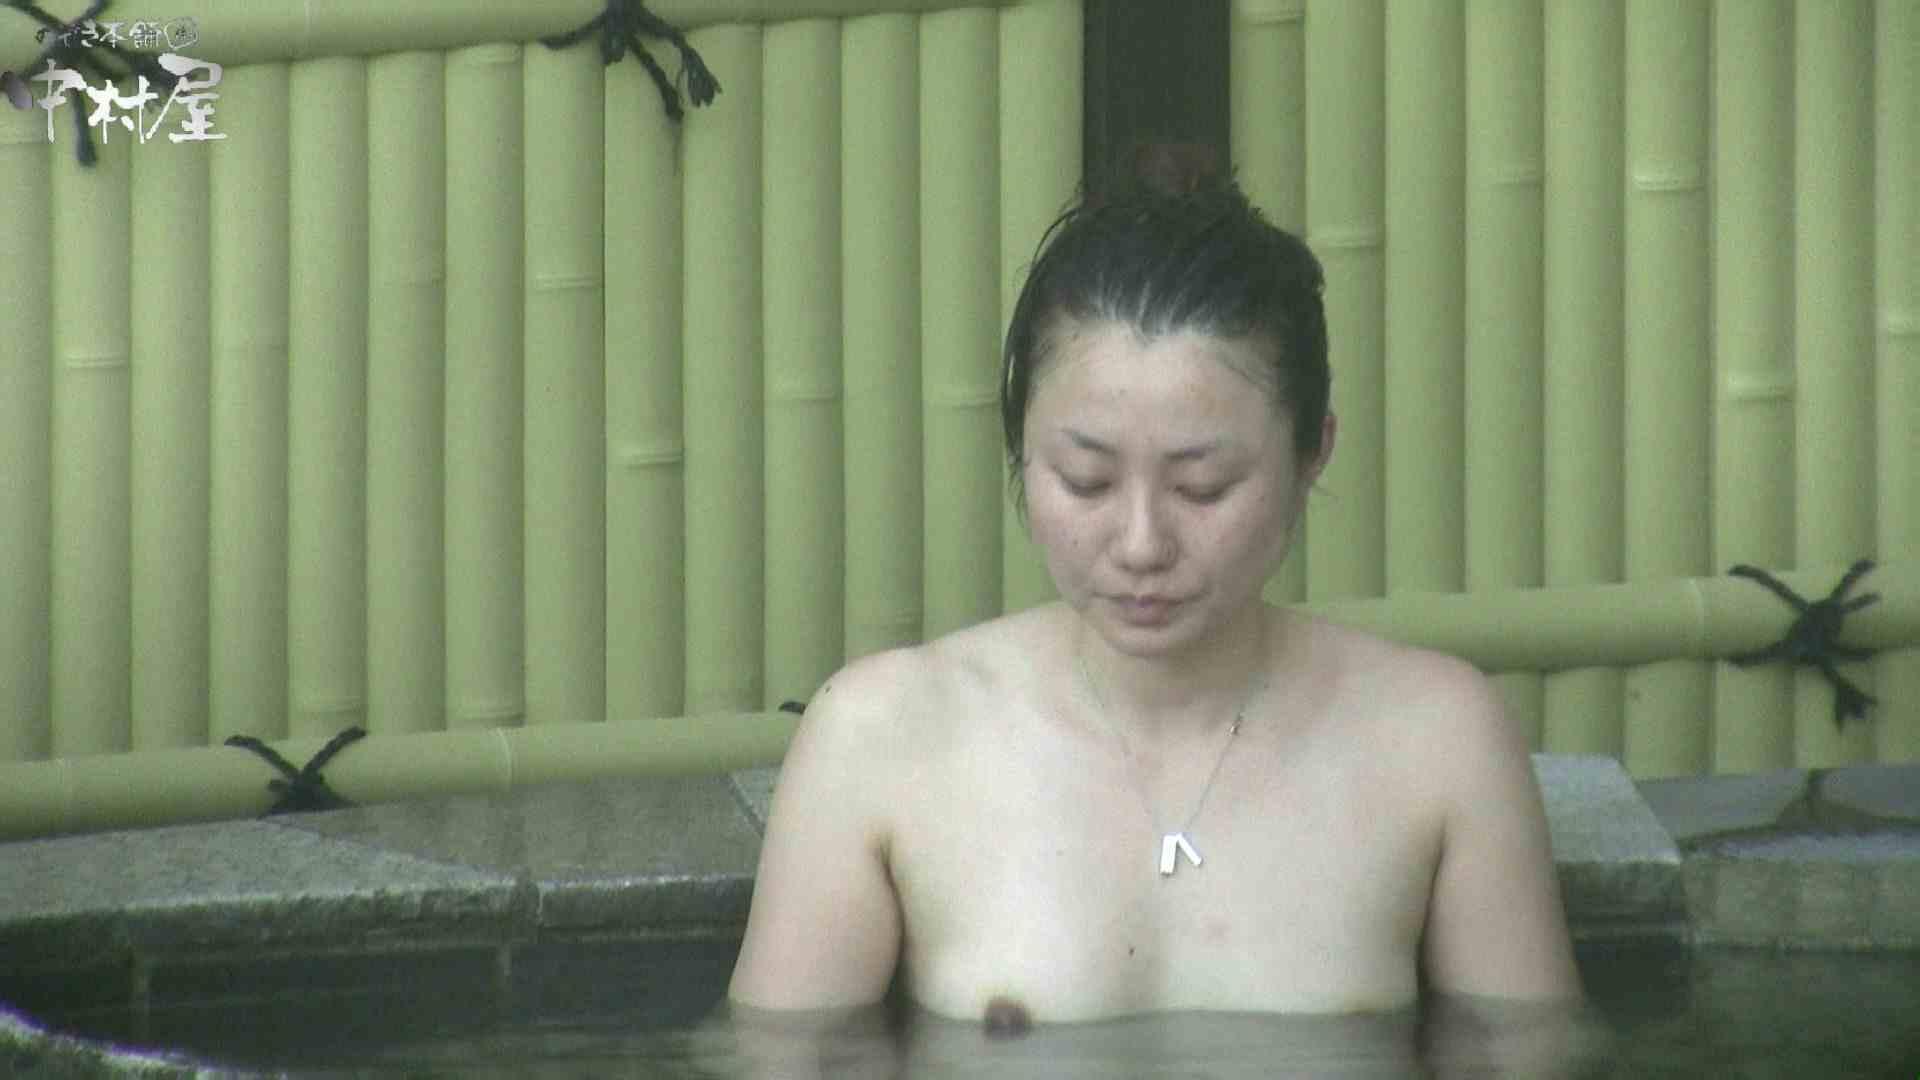 Aquaな露天風呂Vol.969 盗撮   OLのエロ生活  86連発 31